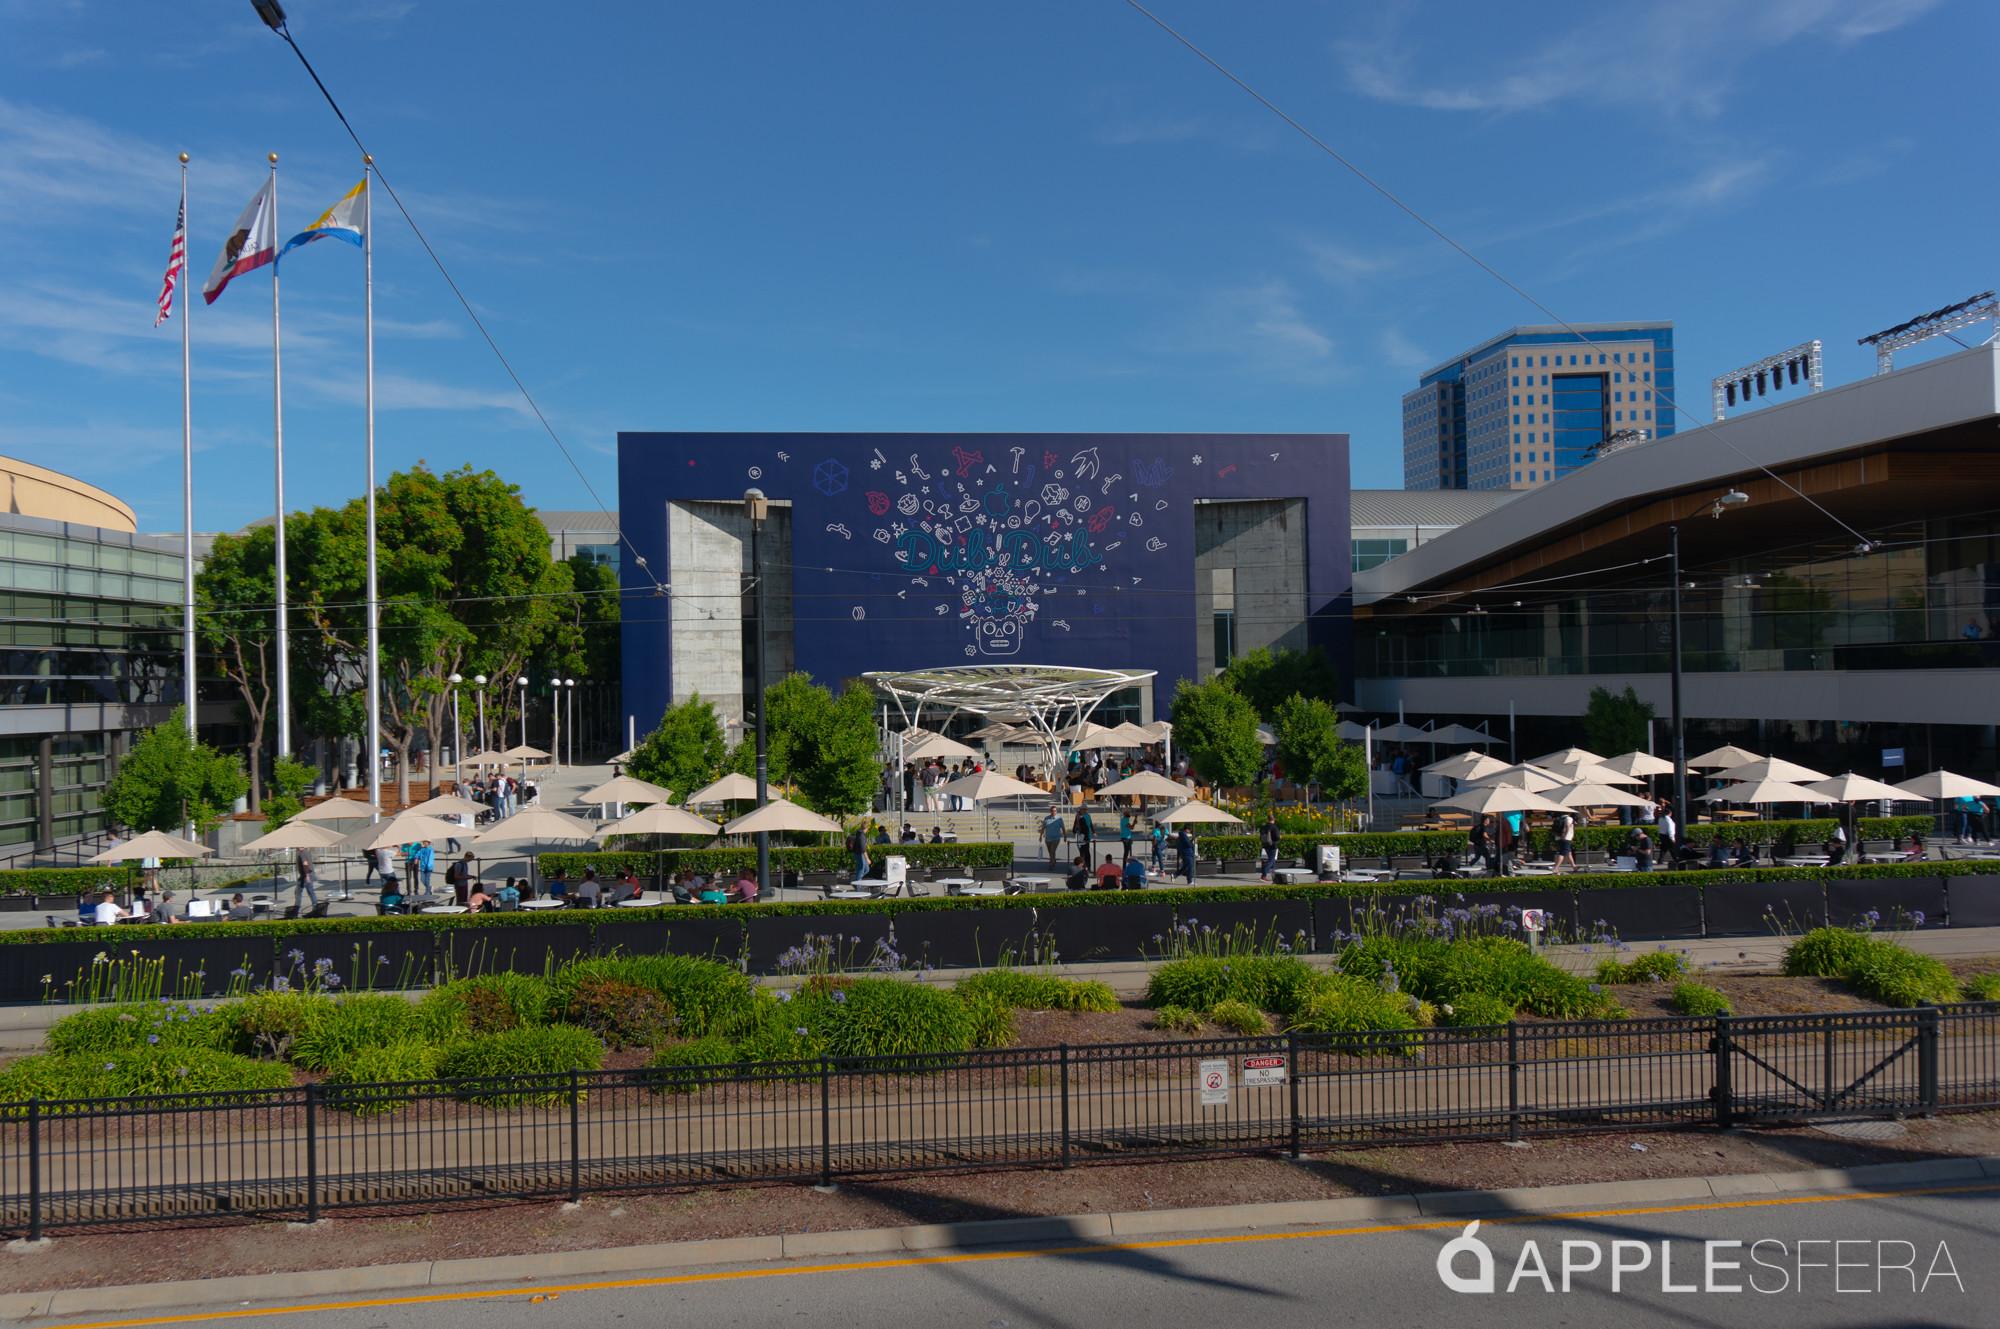 WWDC19 McEnery Center